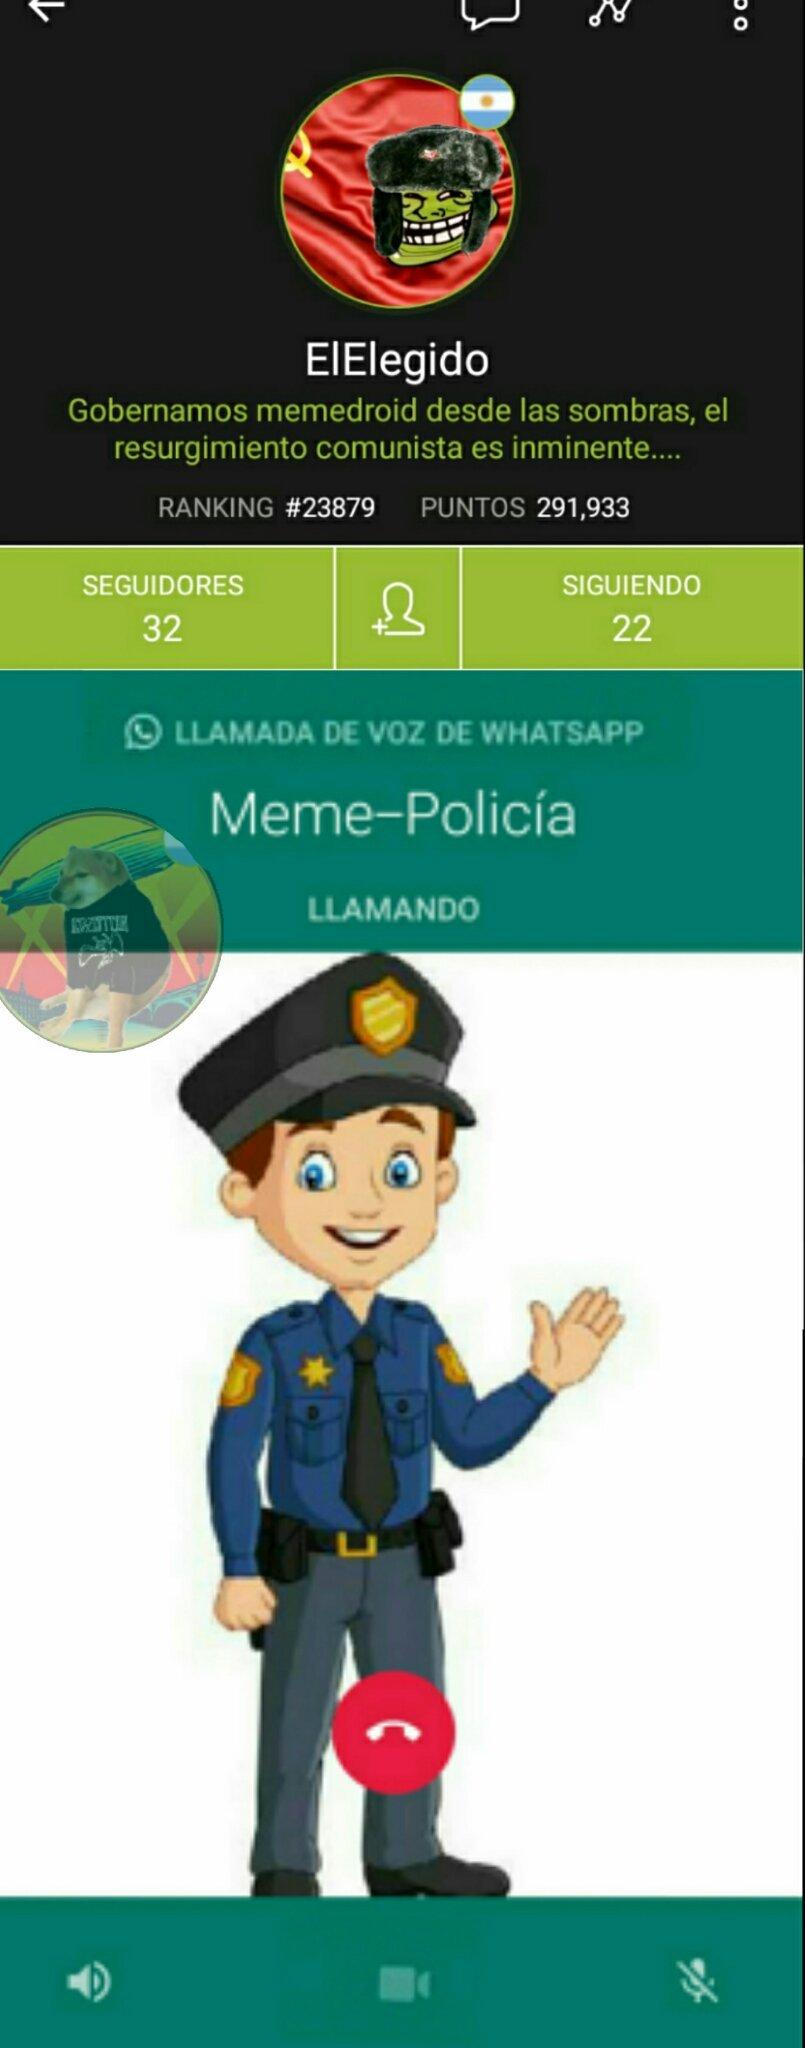 Voy a llamar a la Meme-Policía